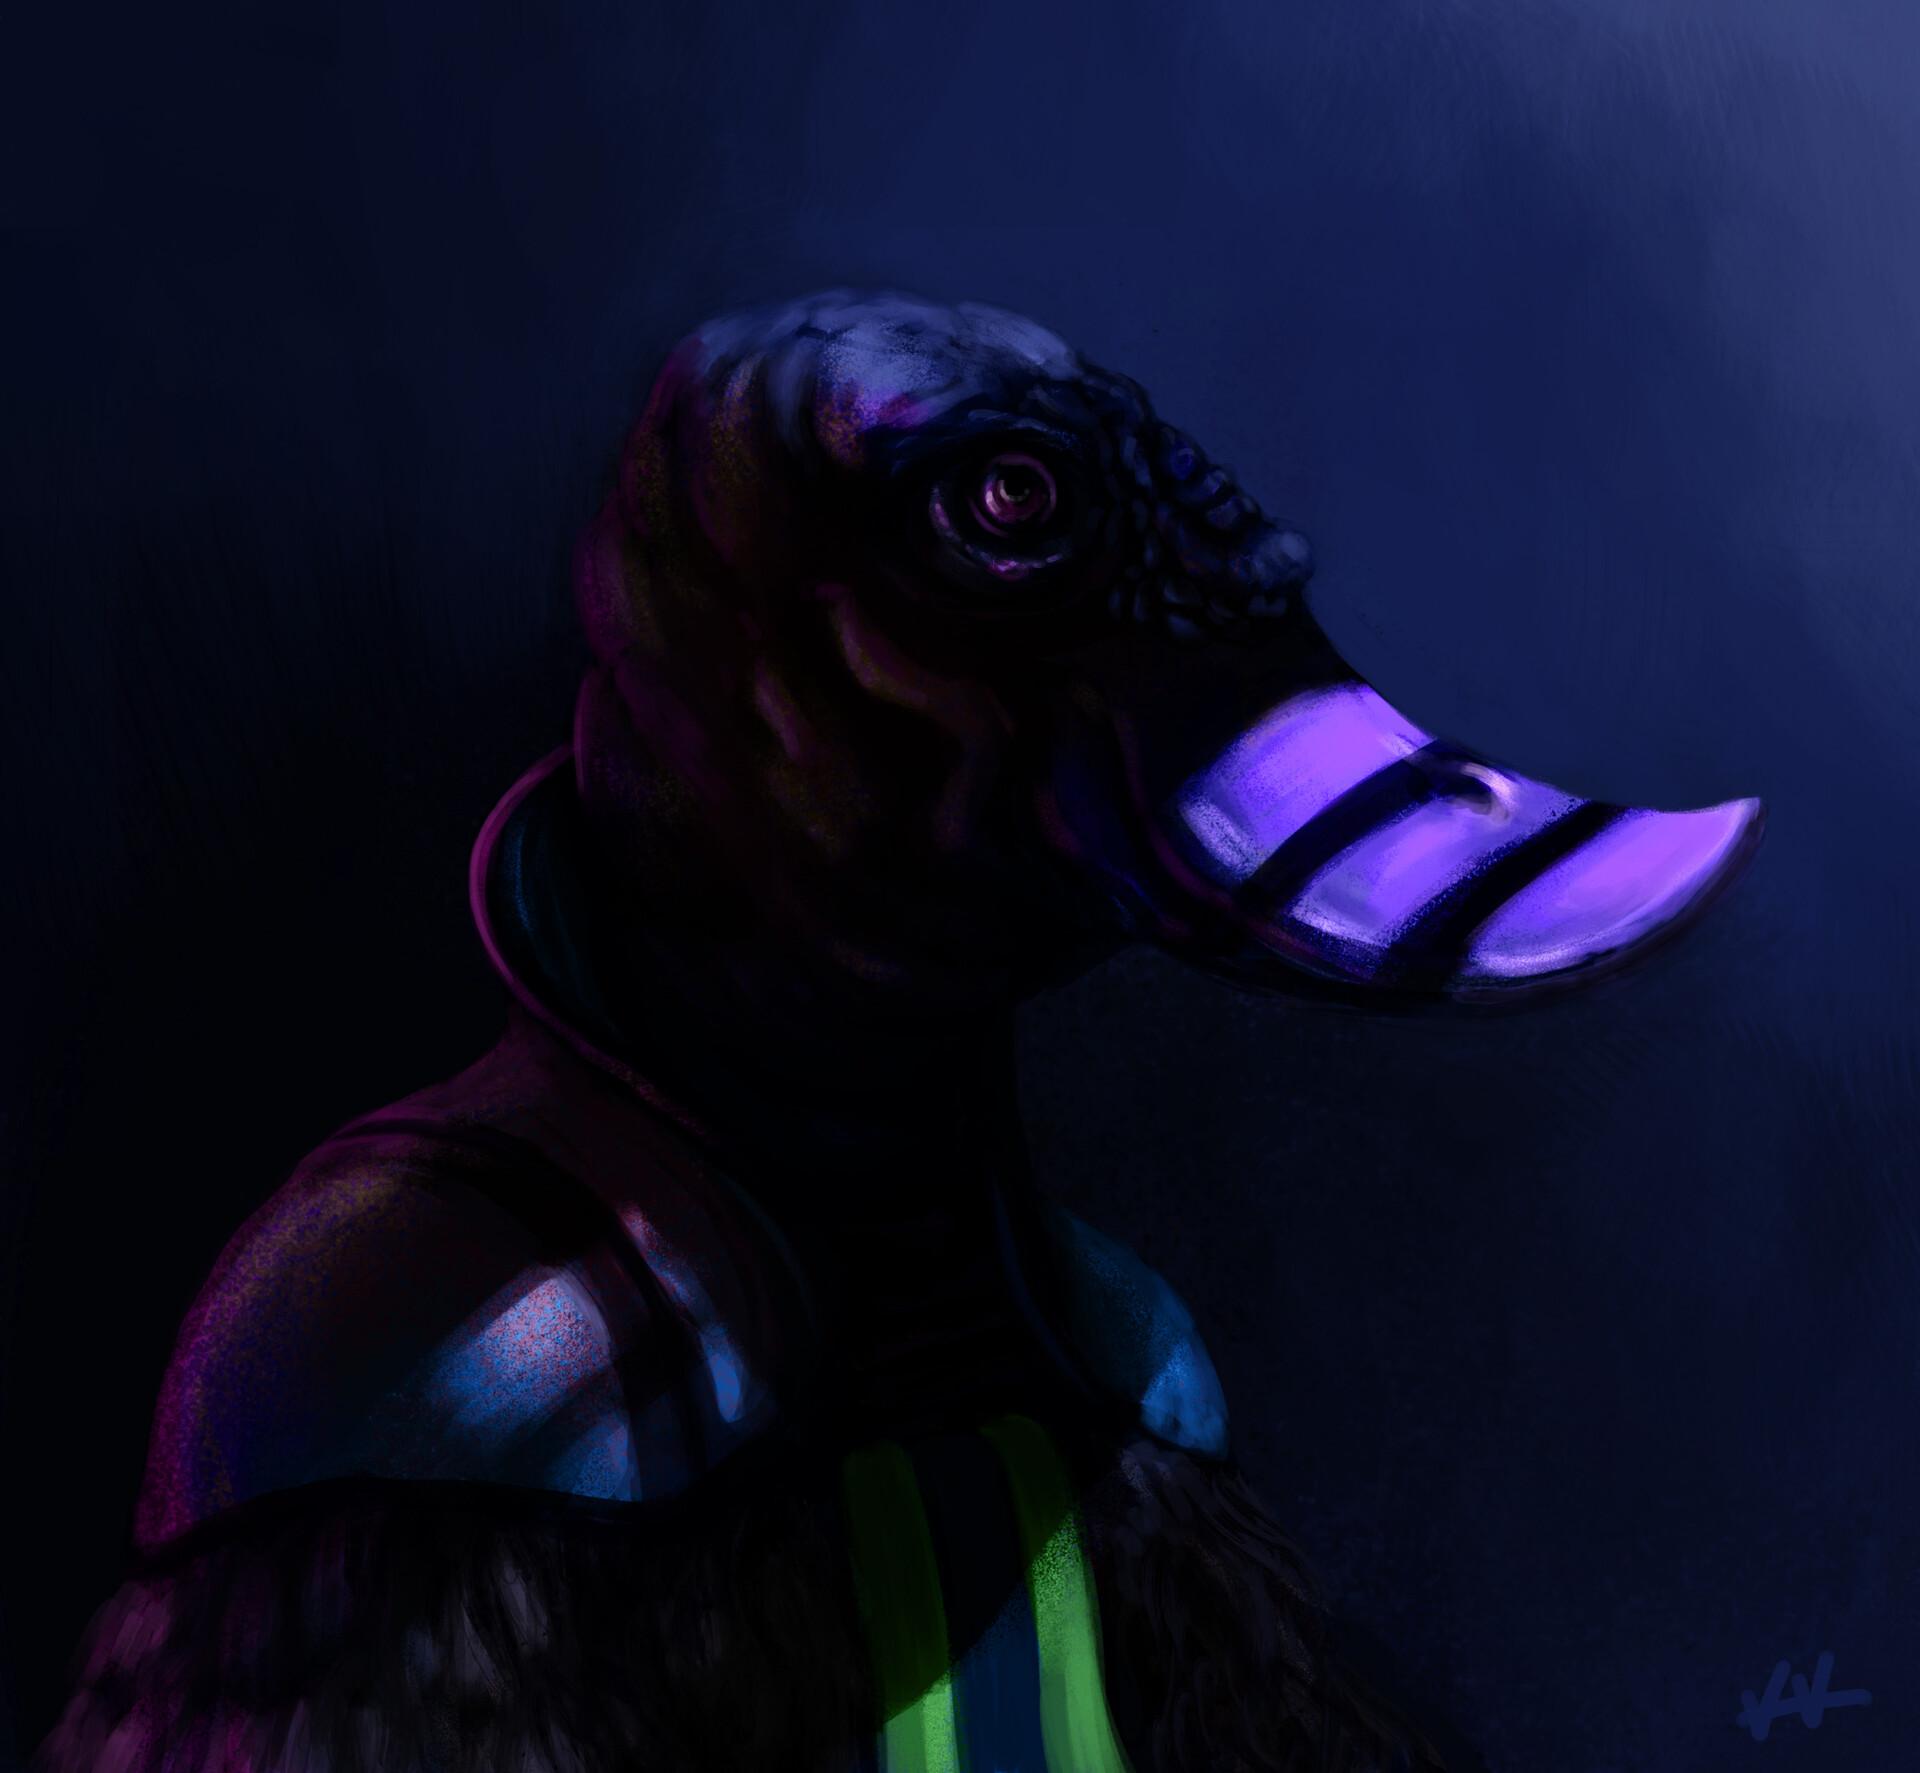 Space Duck by Karel Kunc